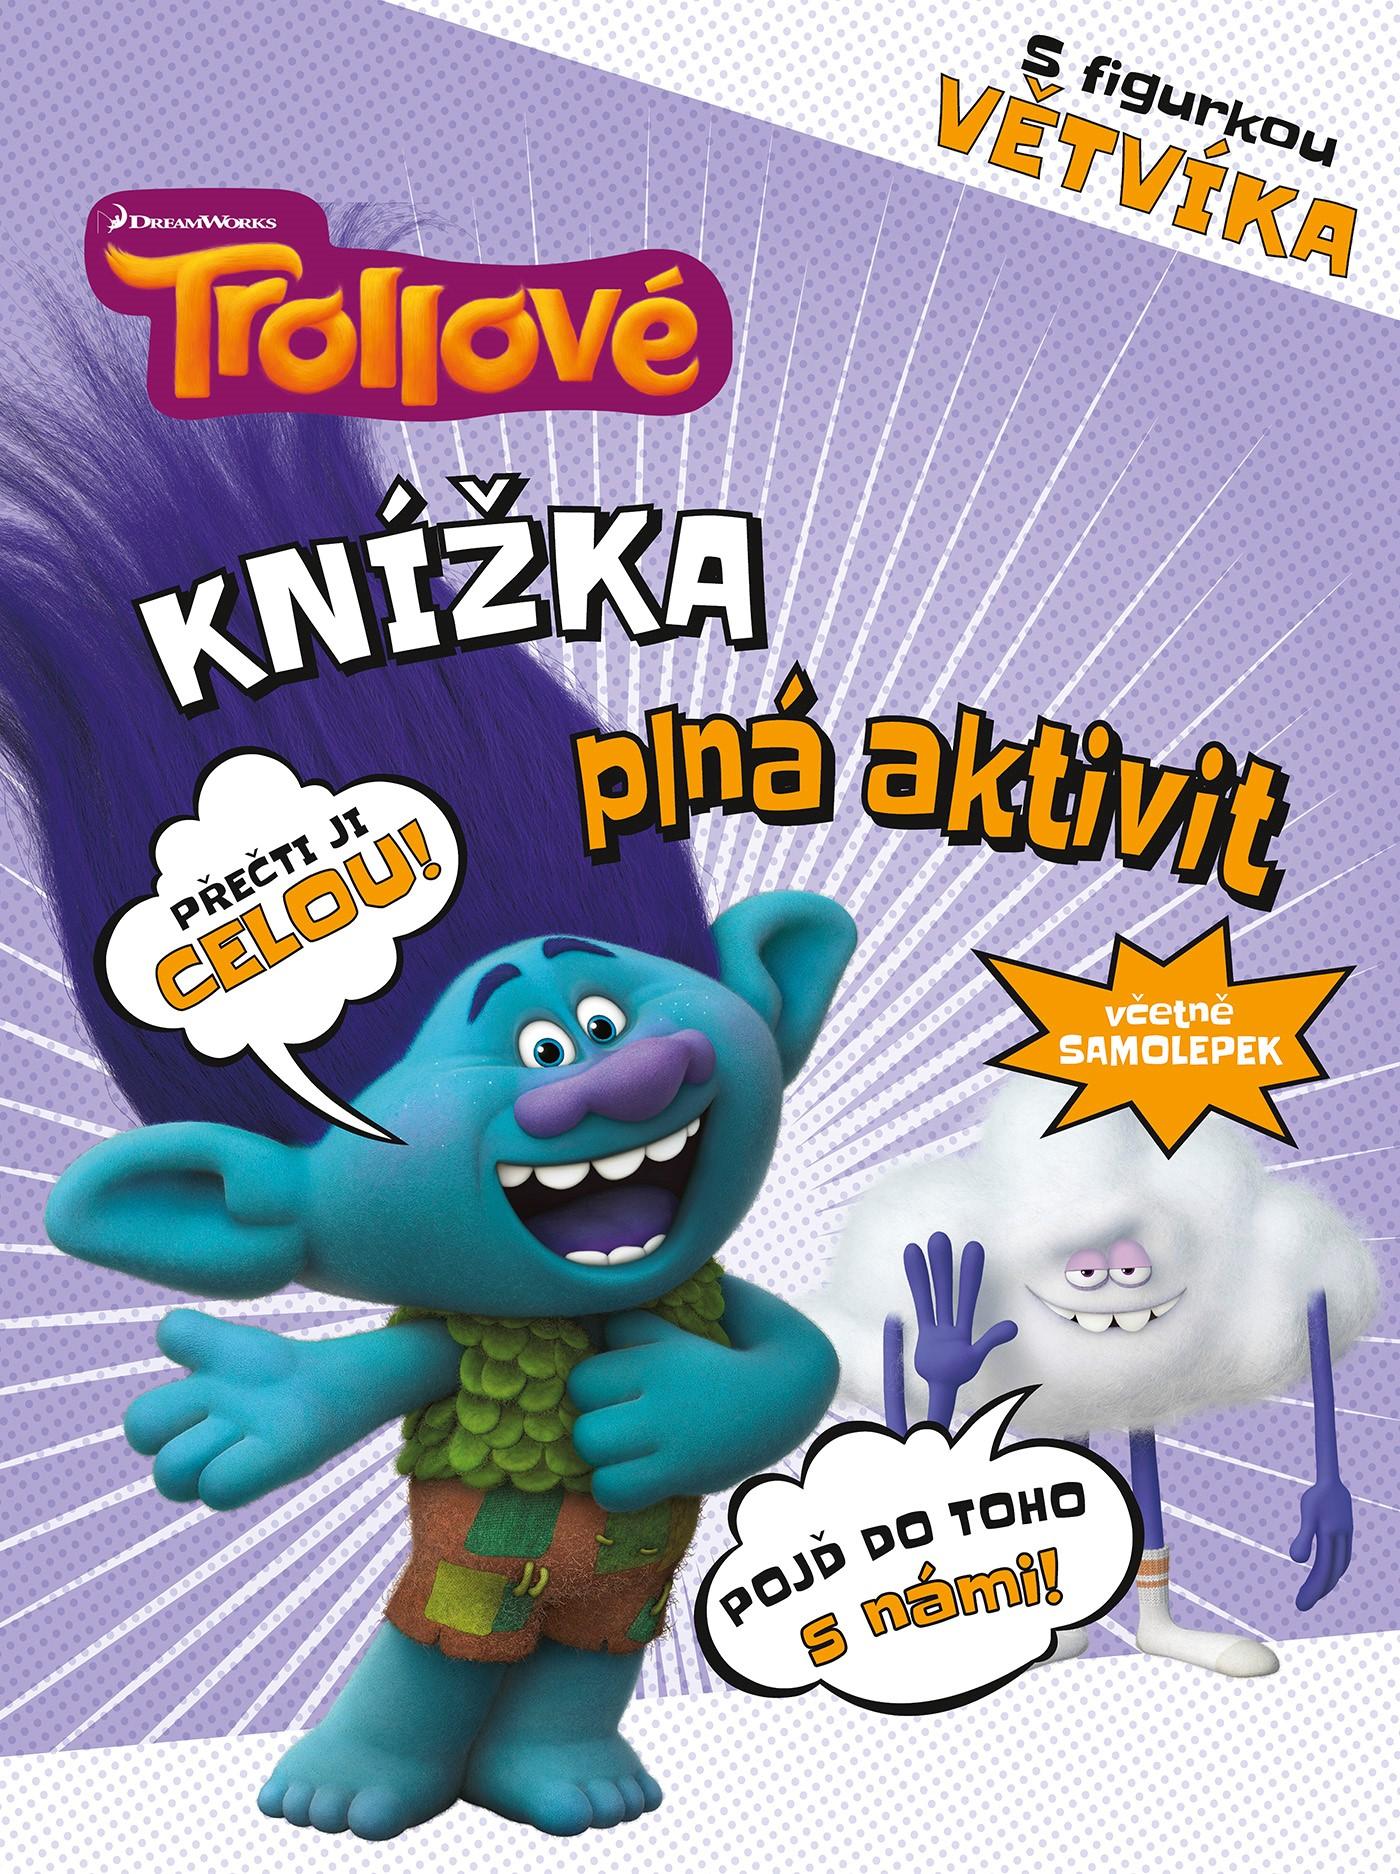 Trollové - Knížka plná aktivit s figurkou Větvíka